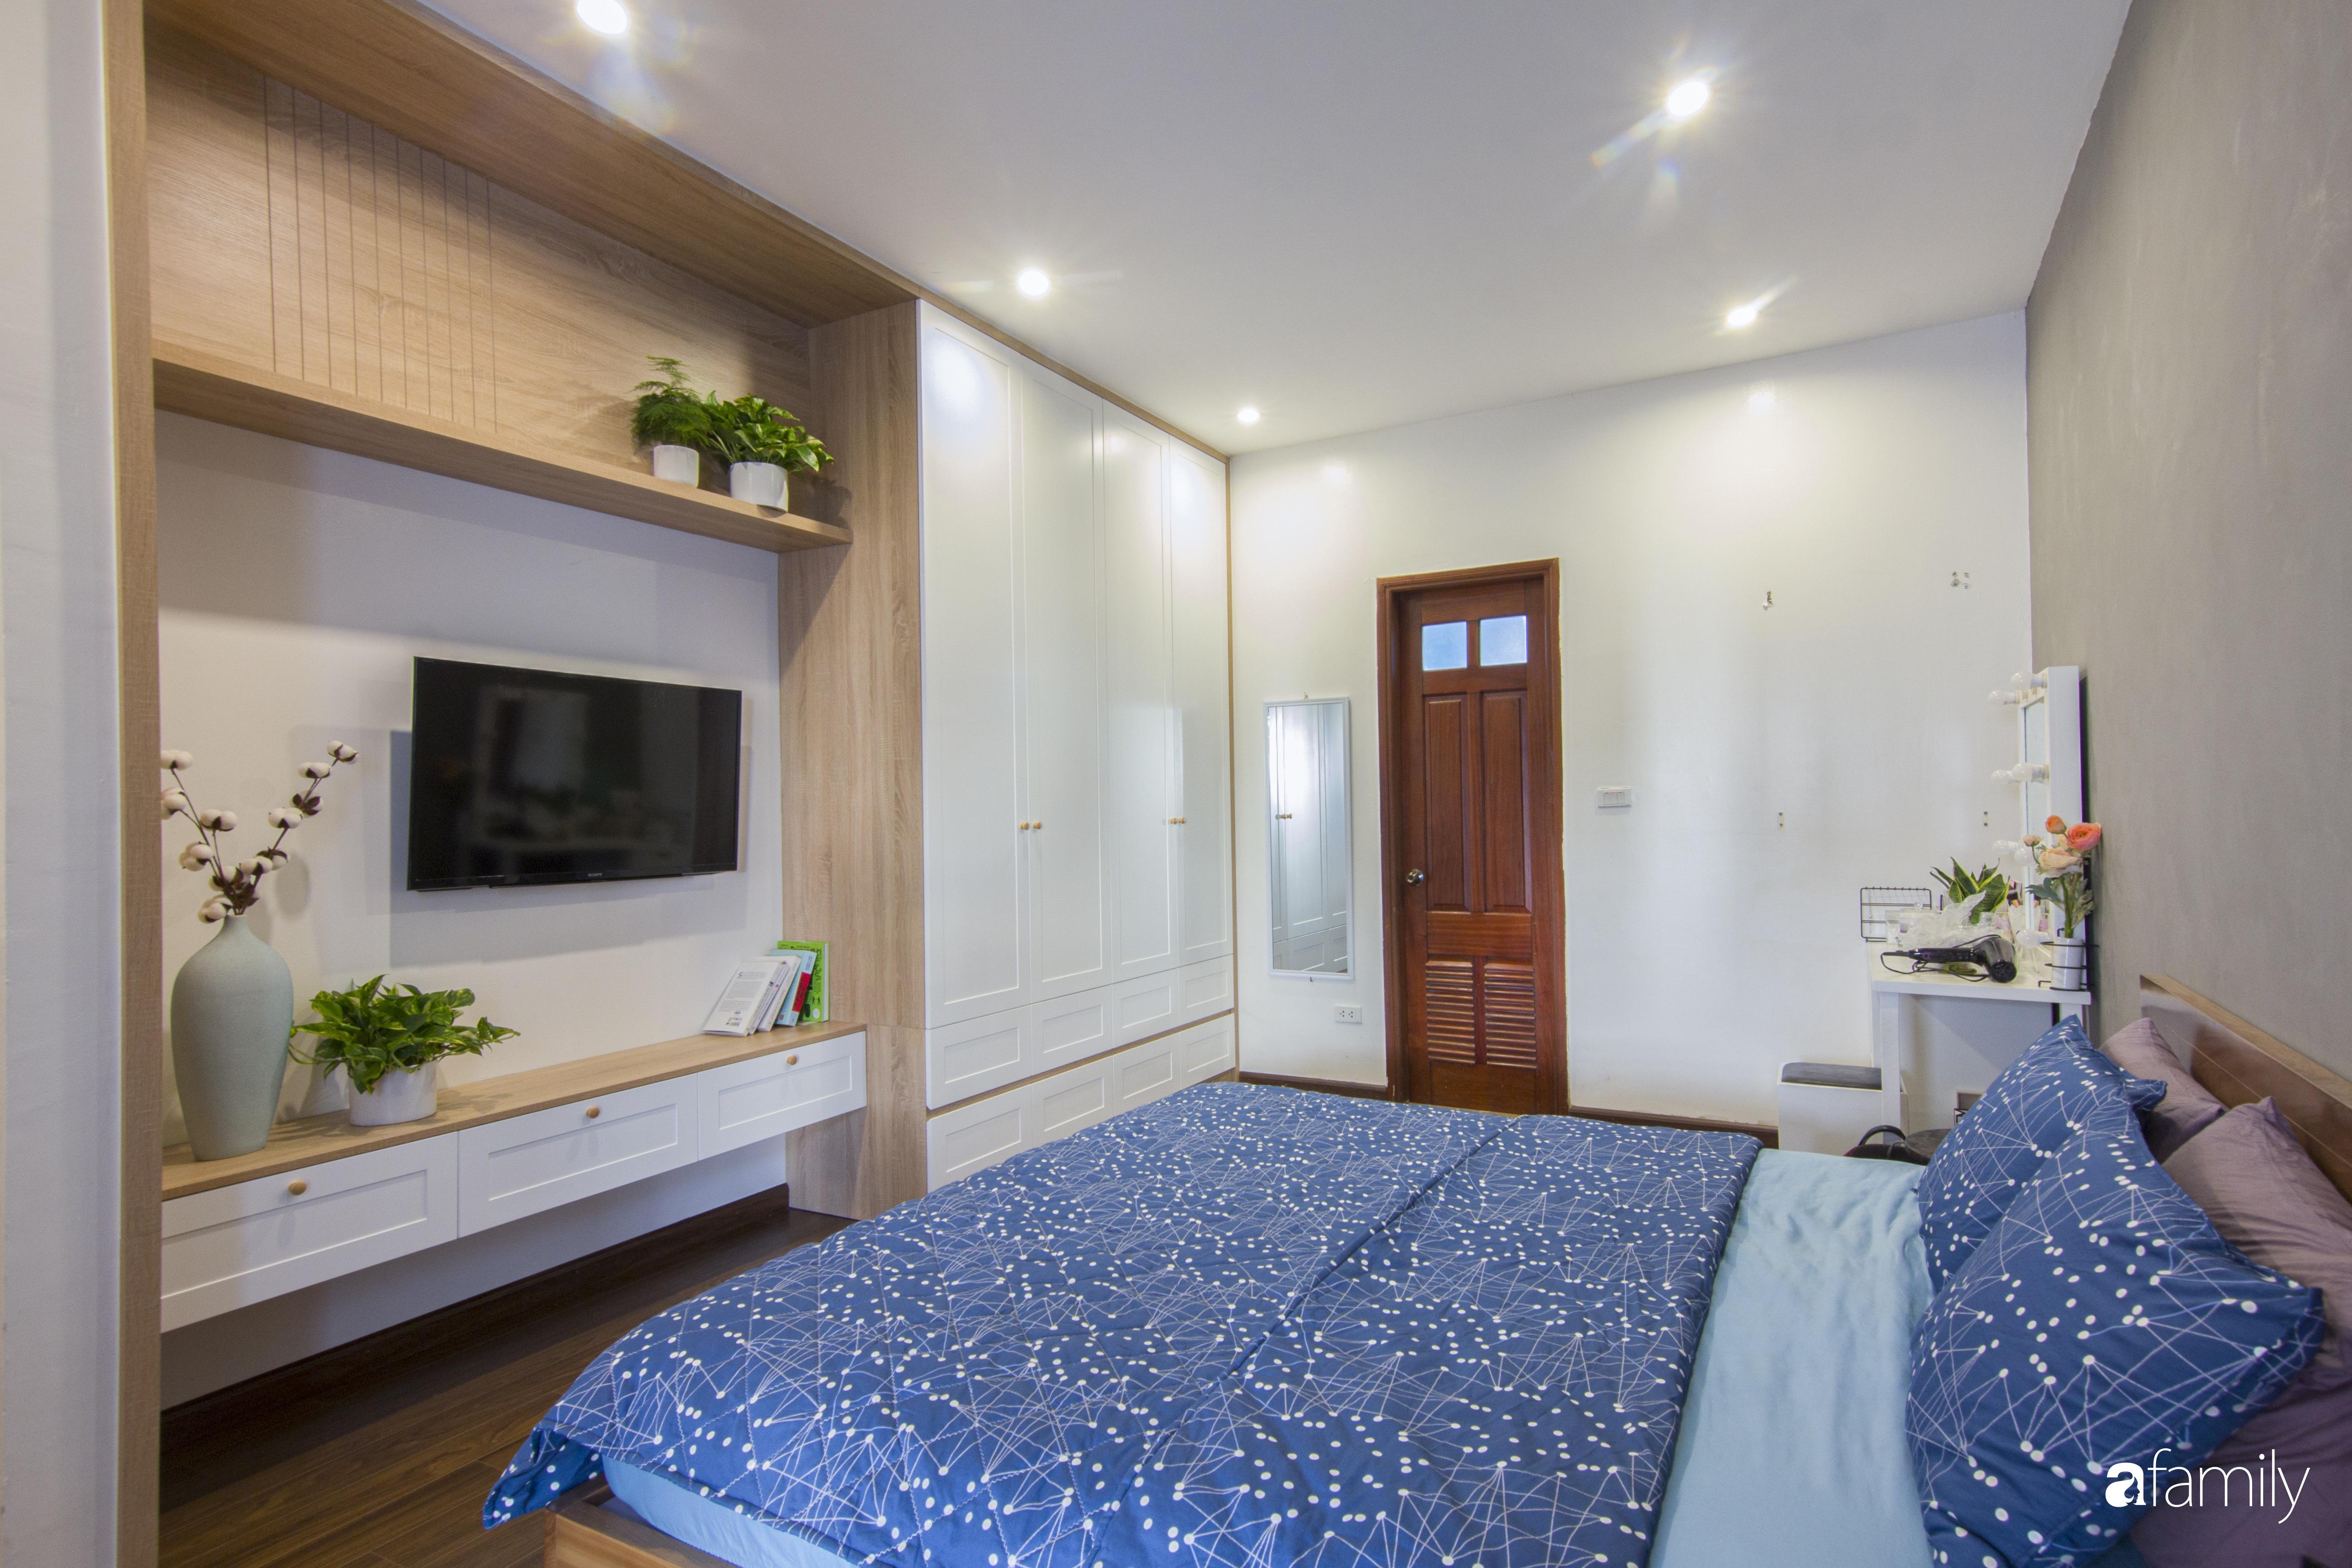 Căn hộ 150m² tối ưu không gian nhờ decor màu trung tính và phong cách hiện đại ở Cầu Giấy, Hà Nội - Ảnh 12.